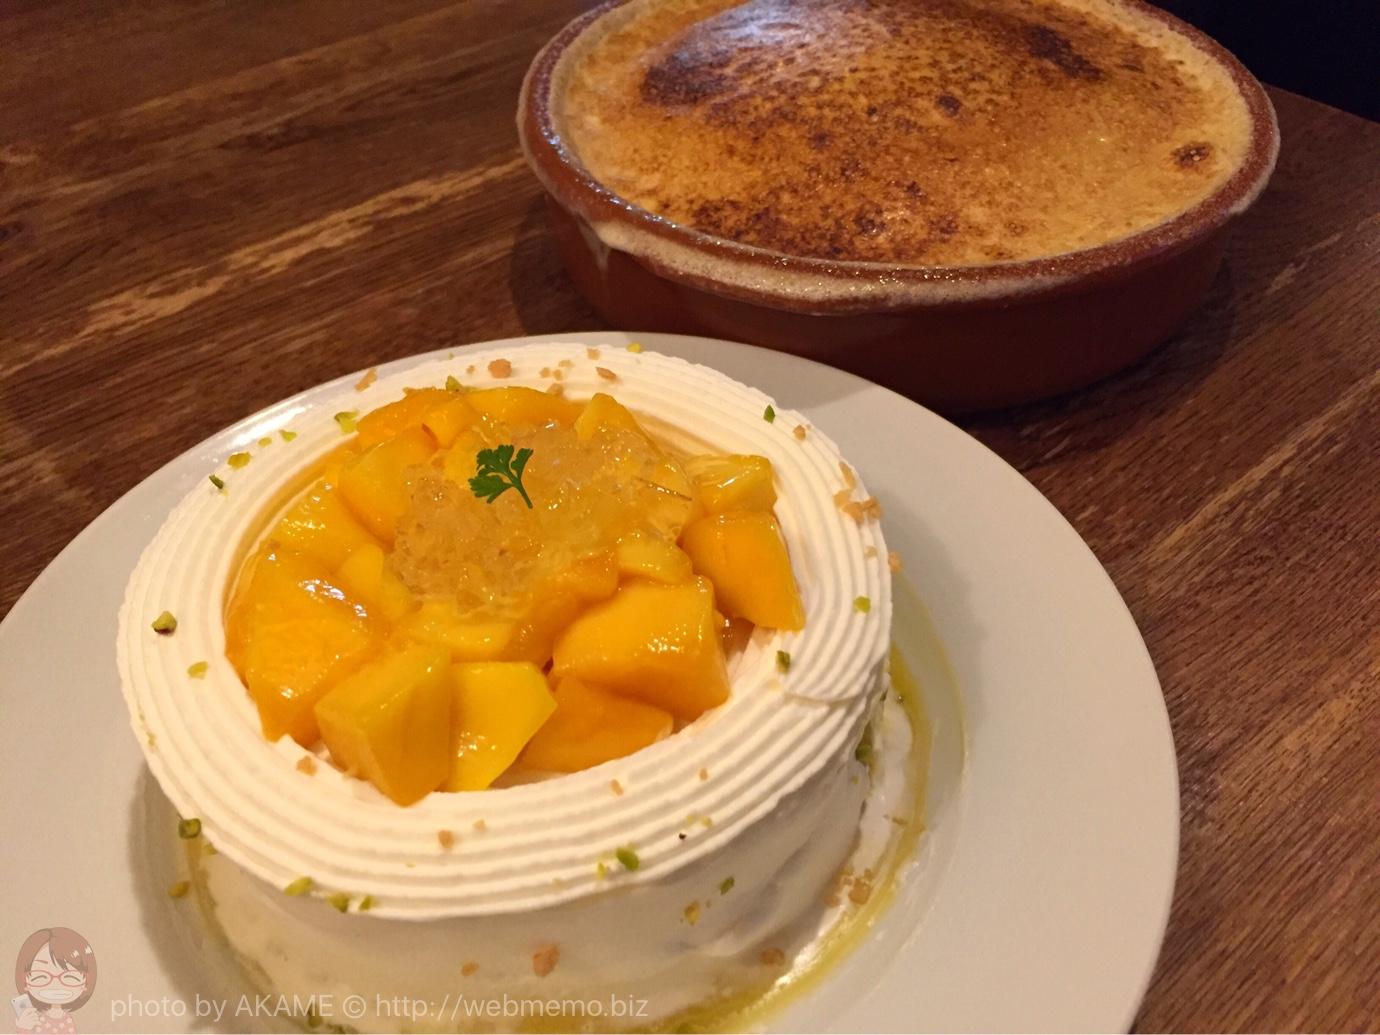 マンゴーのショートケーキといちごのクリームブリュレ